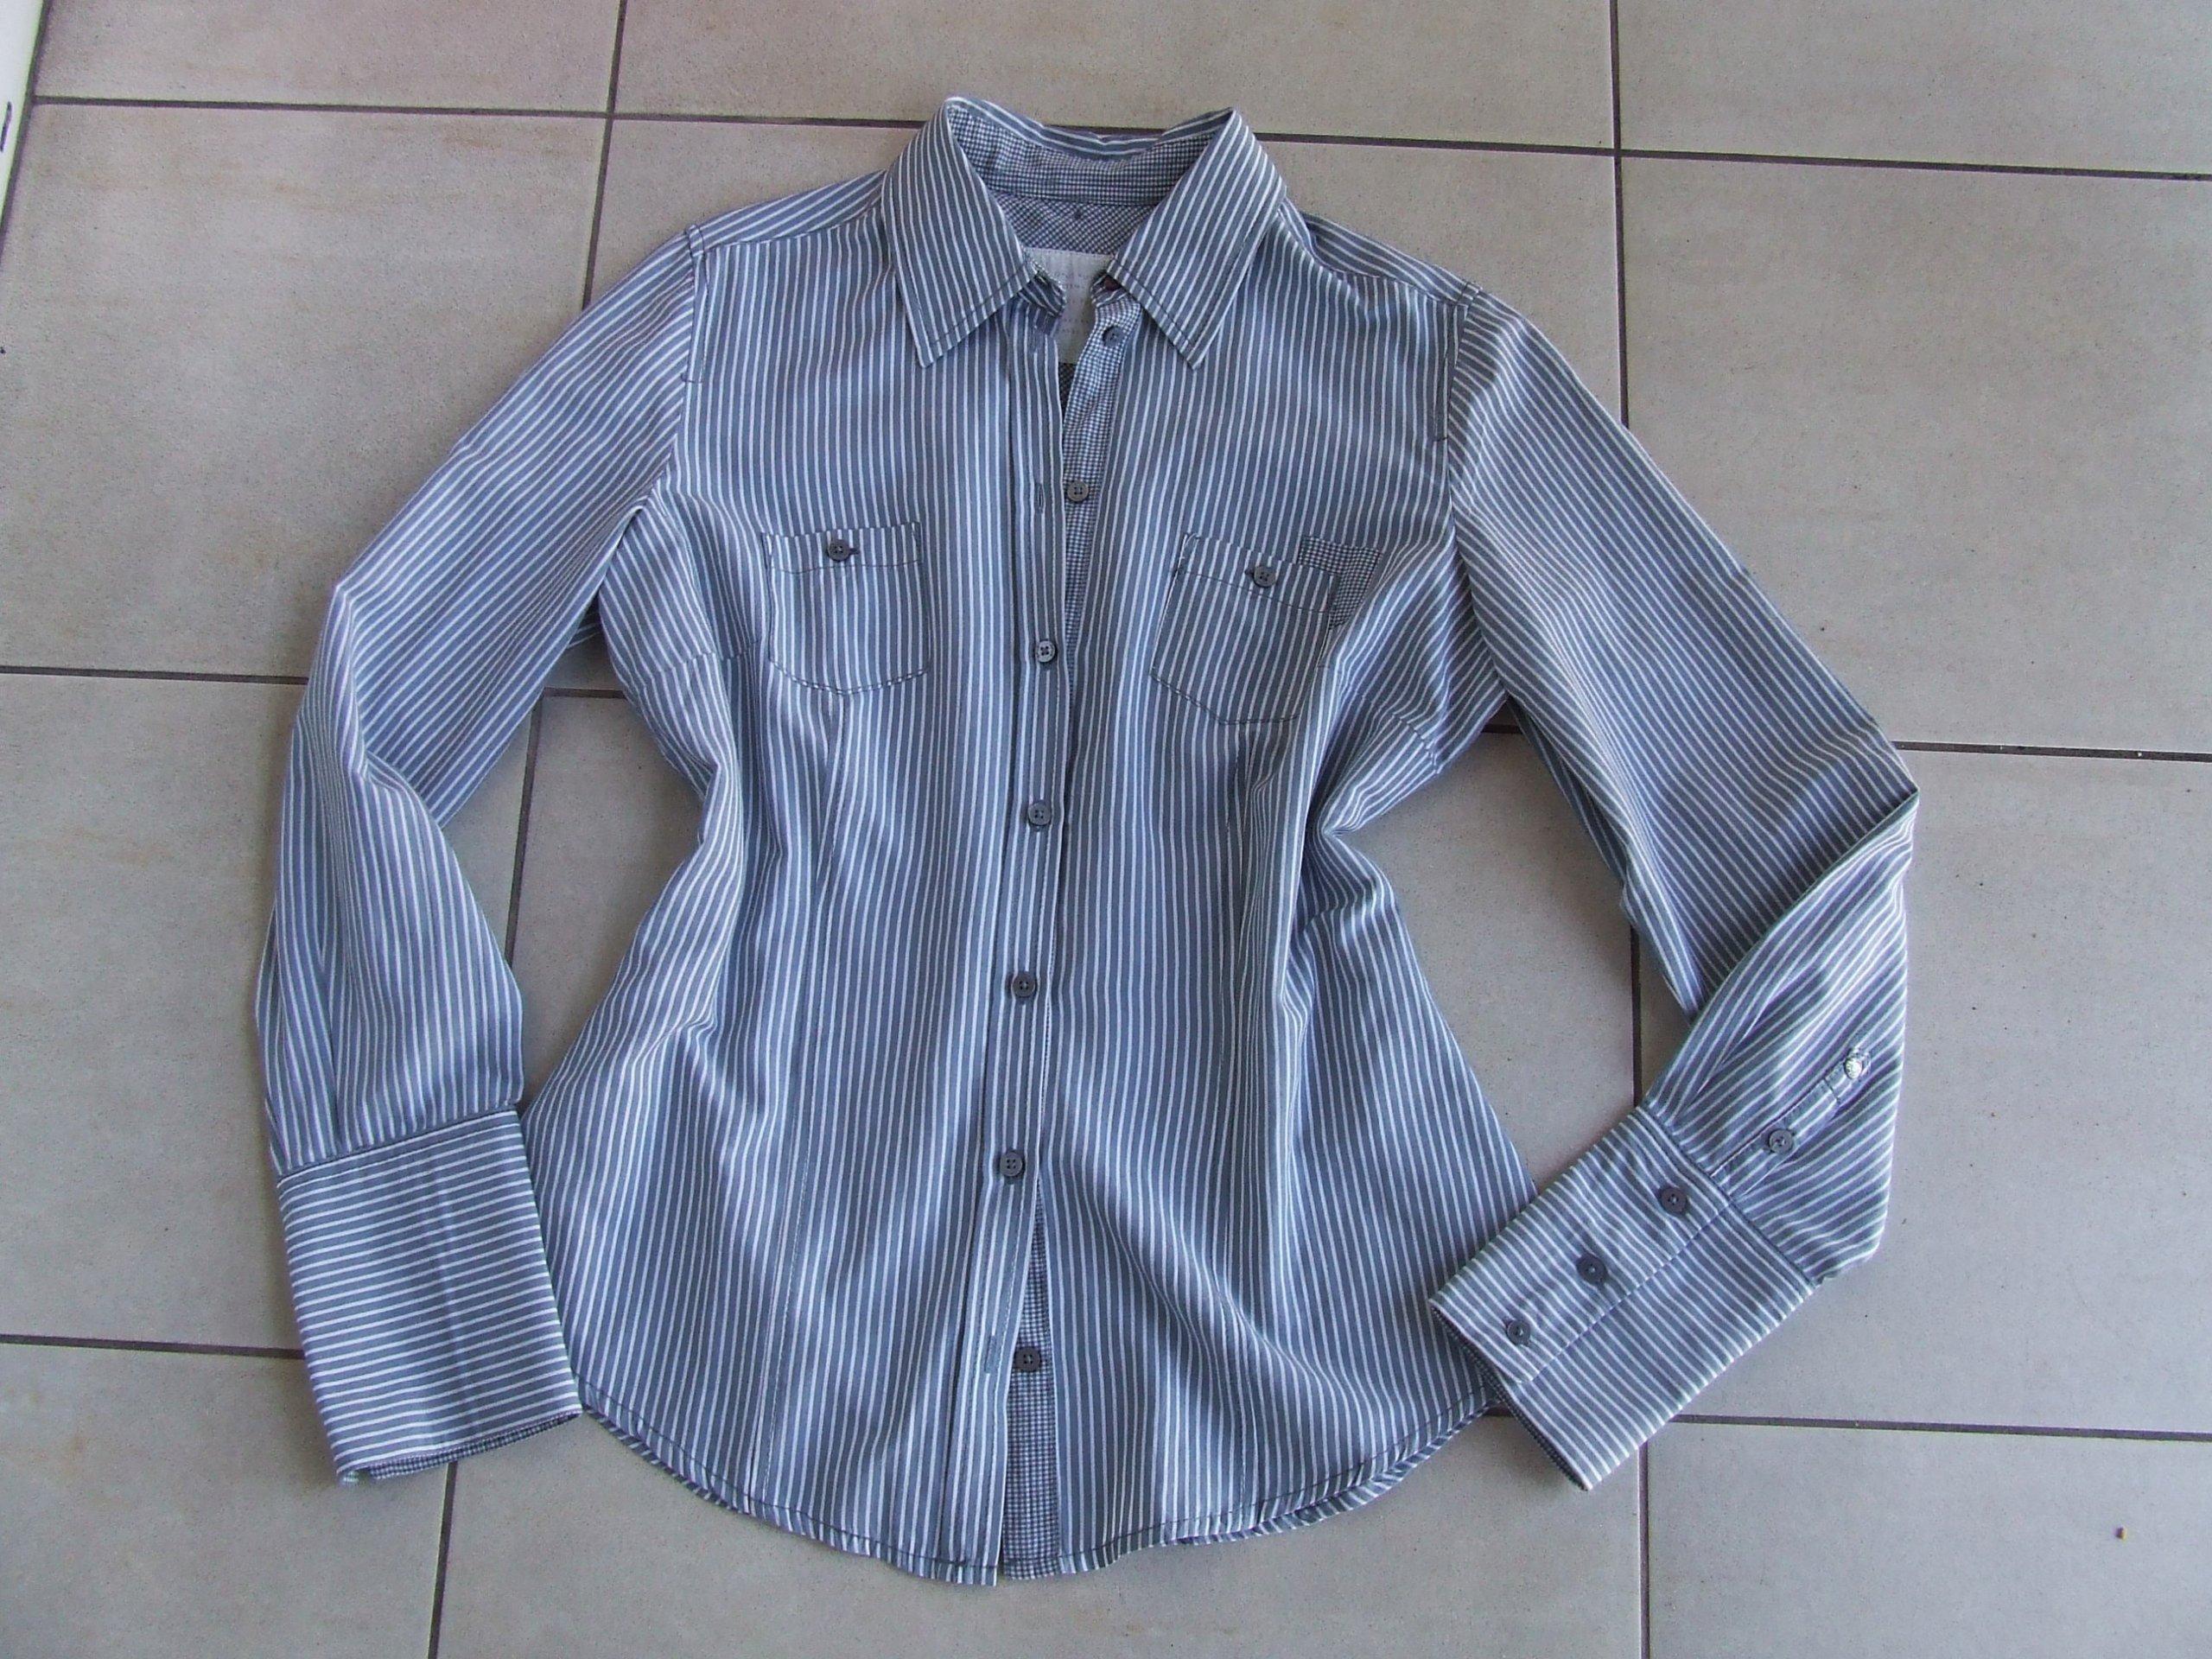 0e715ae56f9ee2 OPUS śliczna koszula 38/40 sklep 250 świetny model - 7133837608 ...